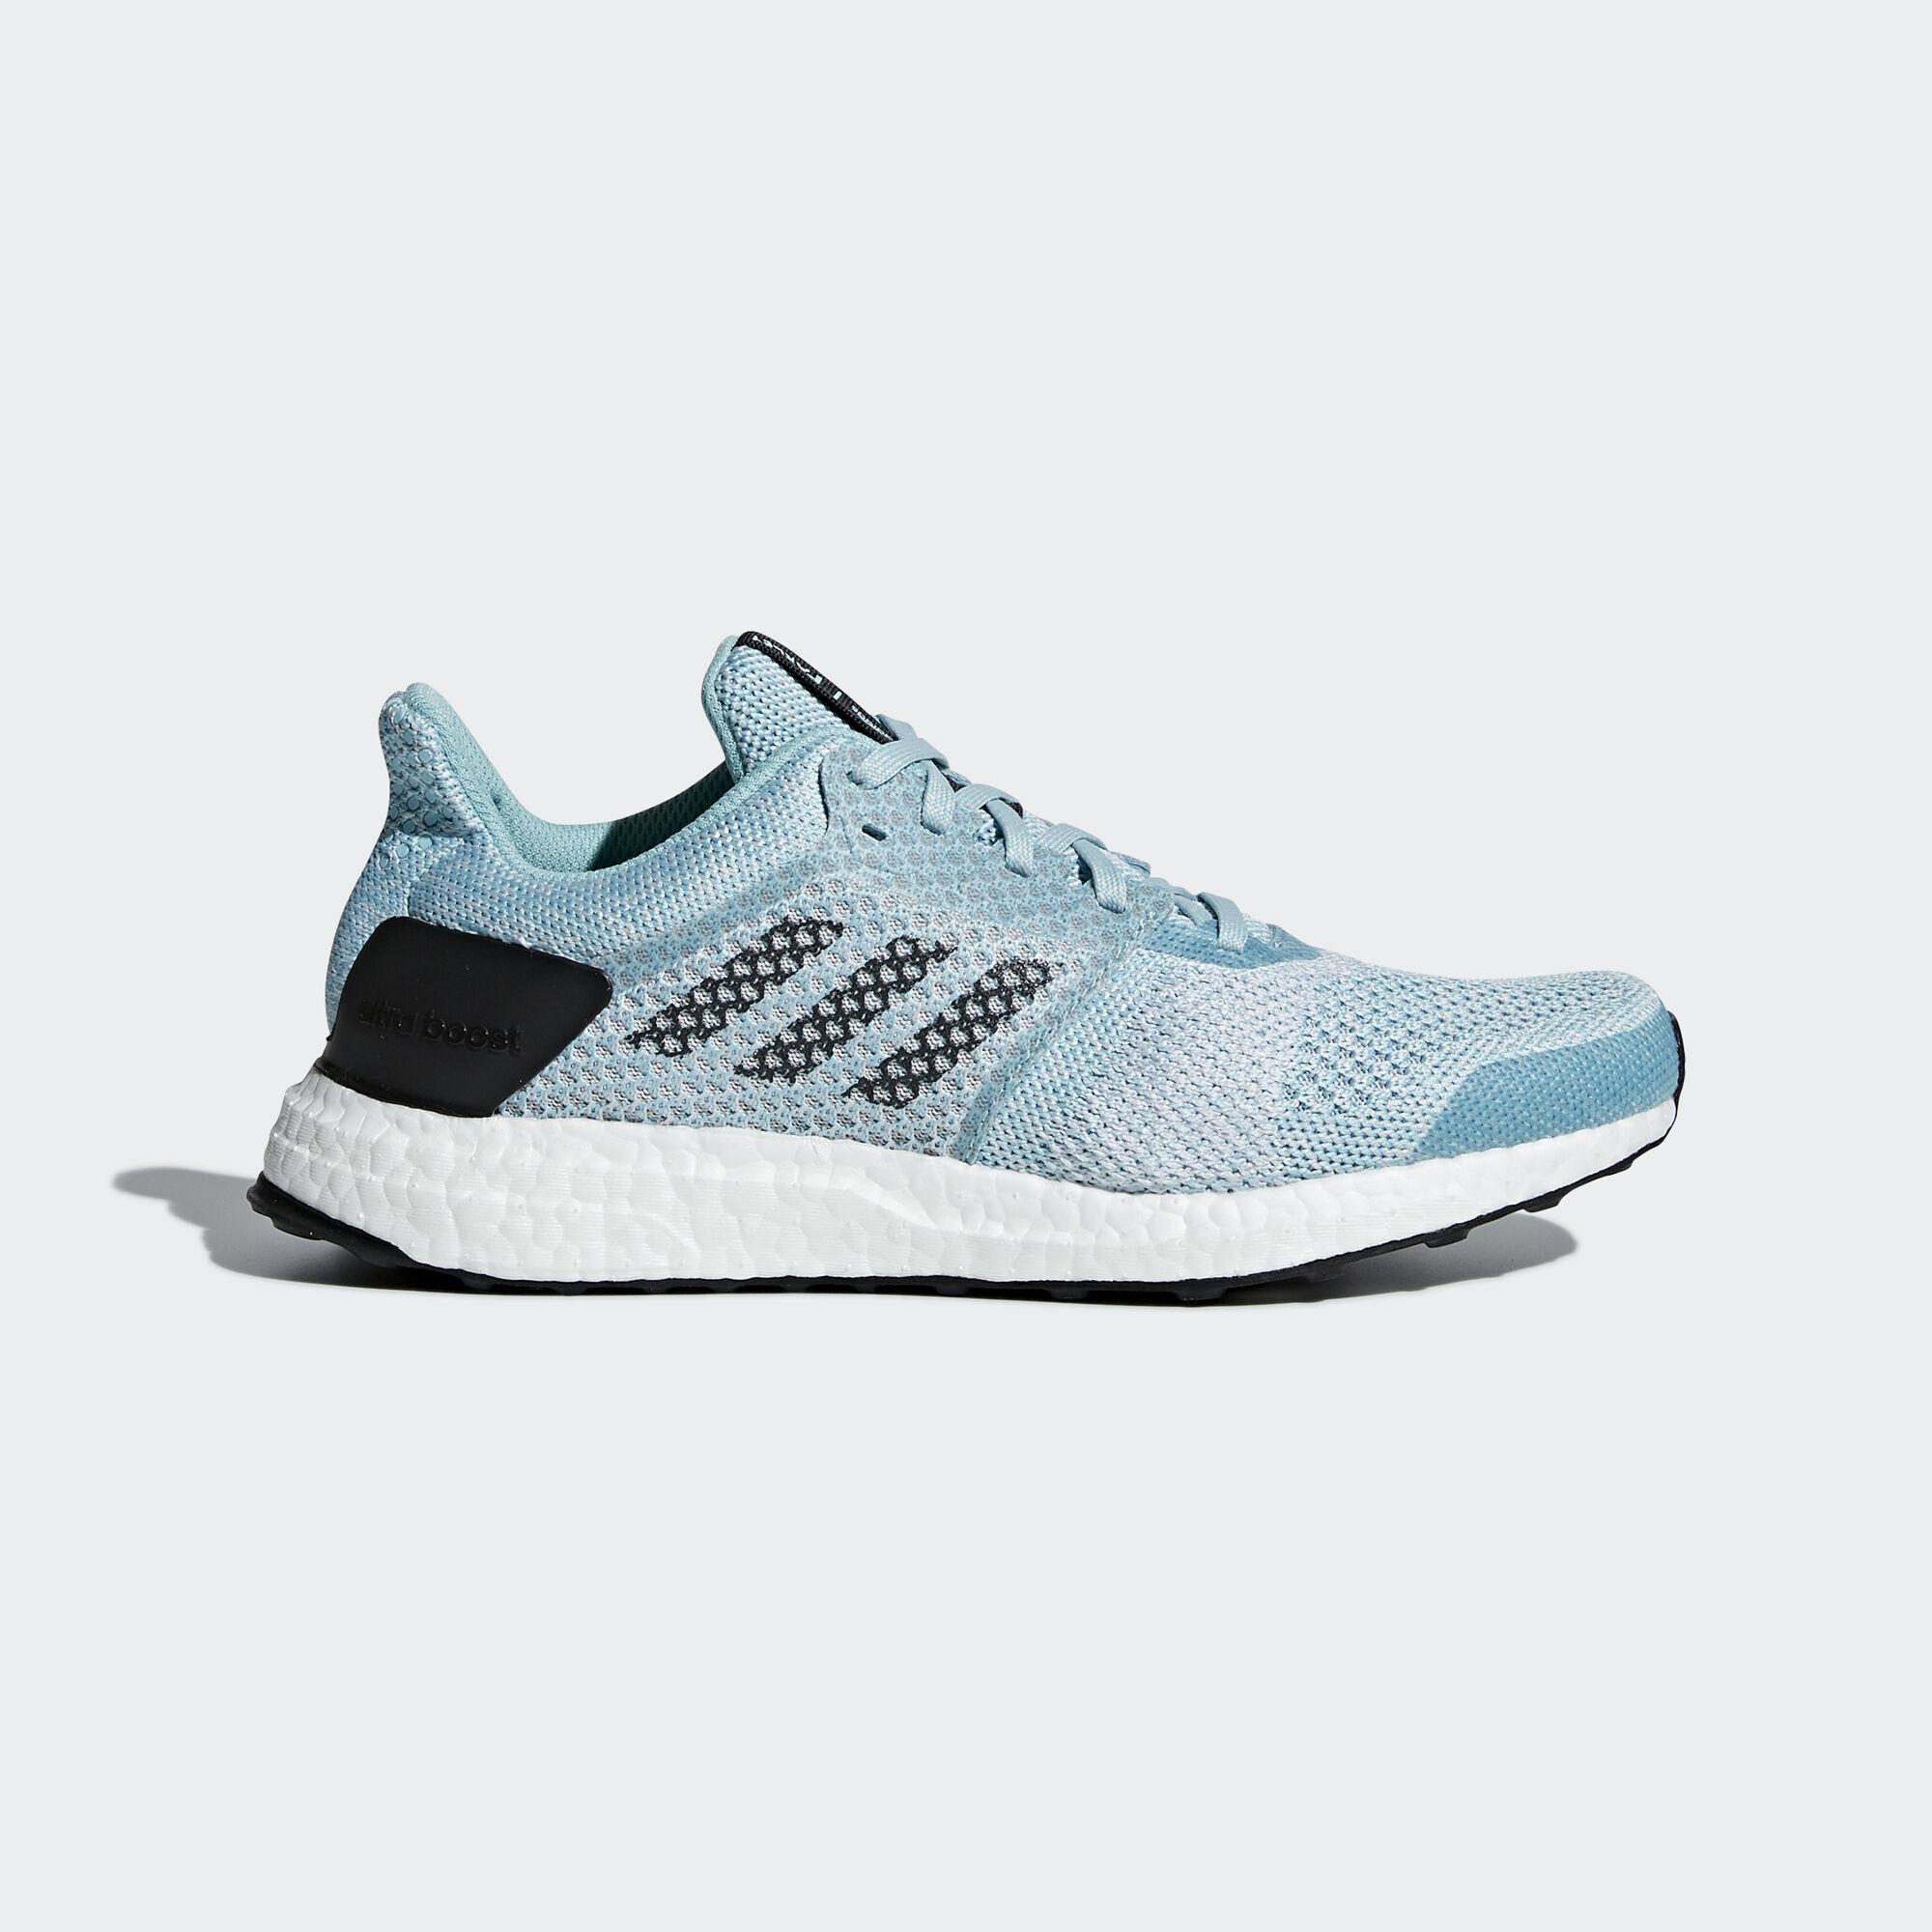 Adidas Ultraboost St Parley Shoes Blue Adidas Regional